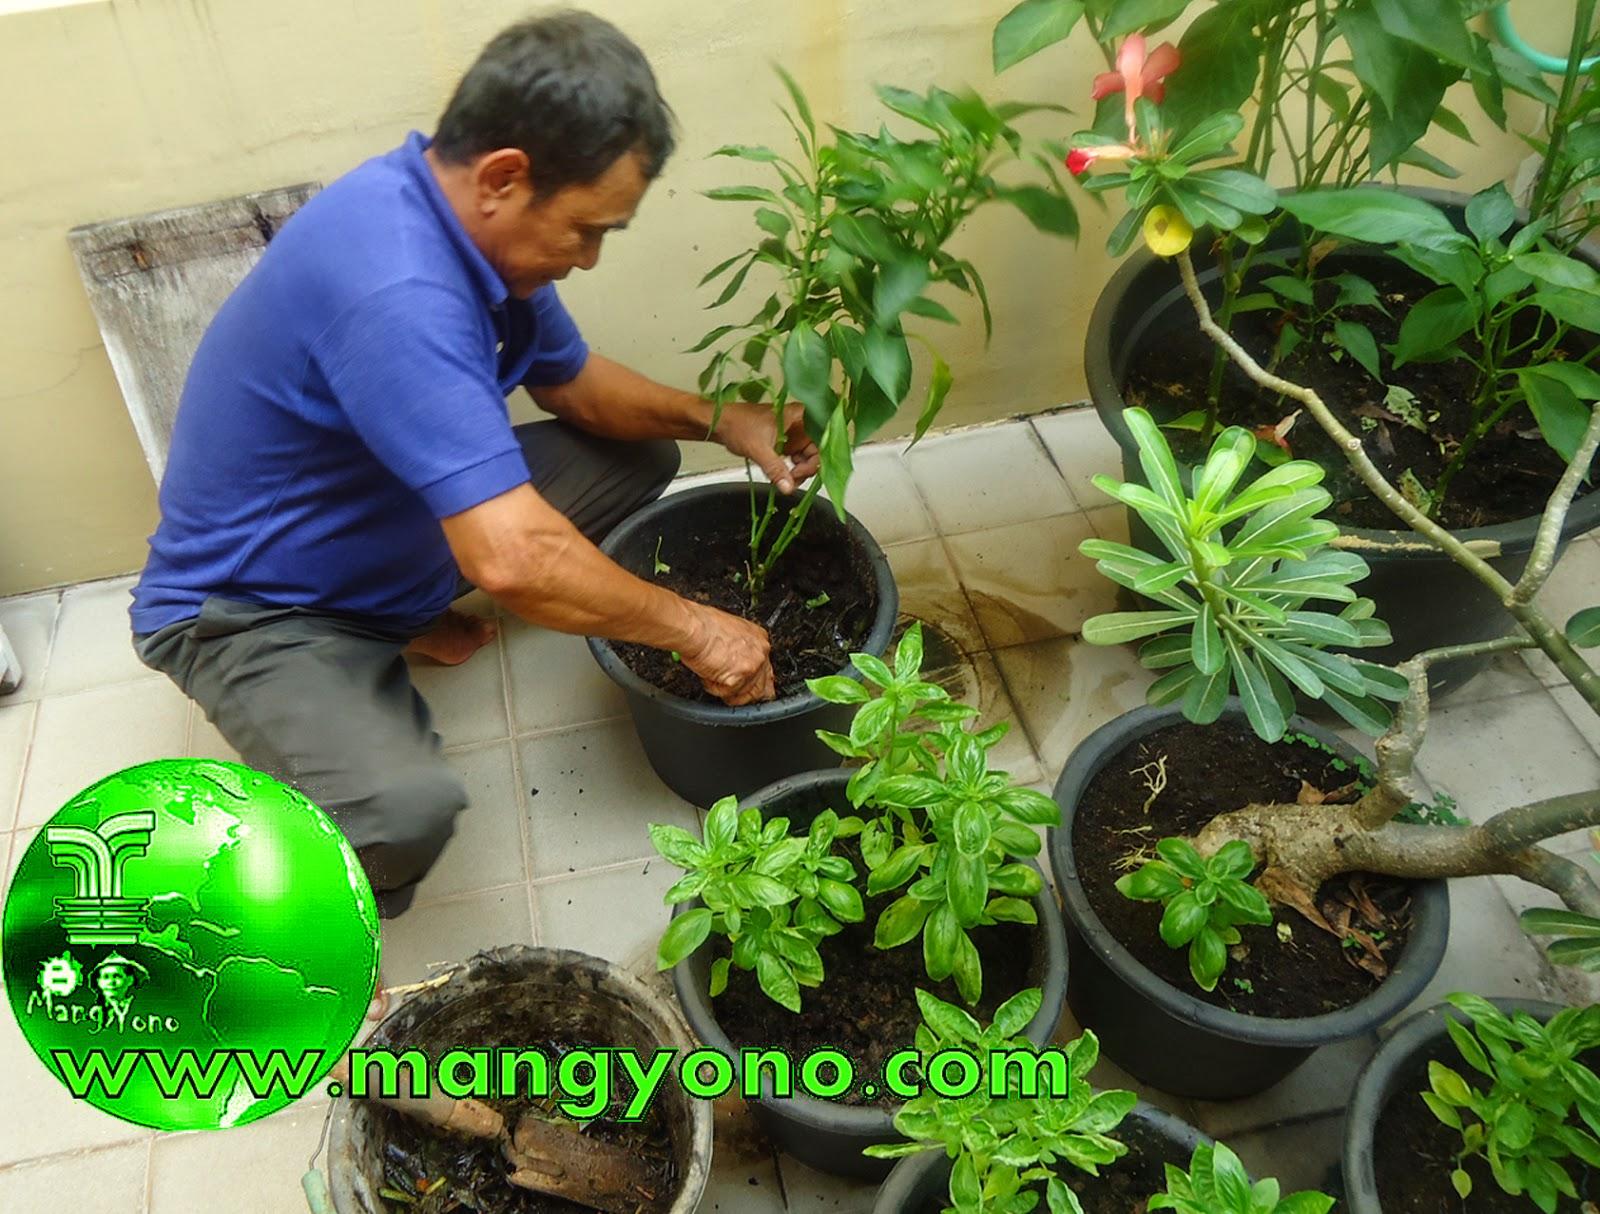 Mas Sukri sedang menaburkan pupuk organik disekitar tanaman yang ditanam di pot, lalu menimbun dengan tanah. Poto jepretan Admin. Tgl. 15/11/2014